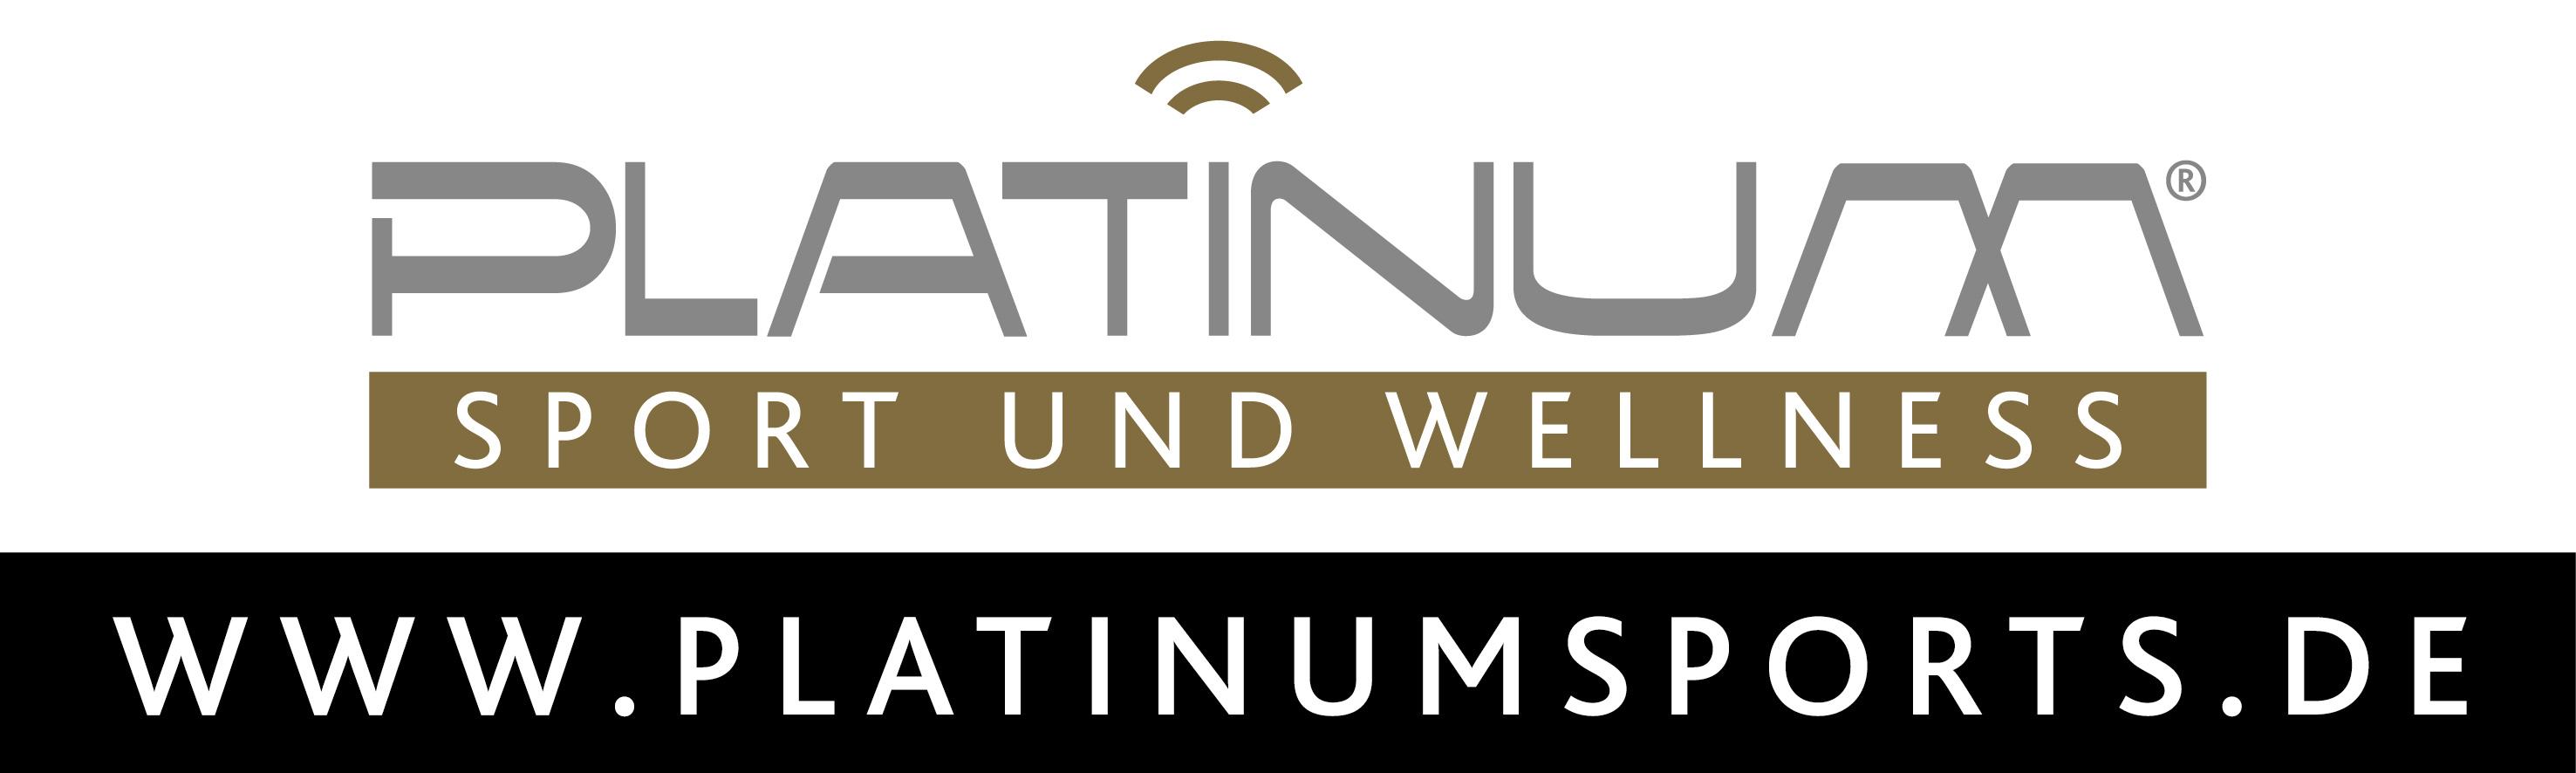 Platinum_50x15